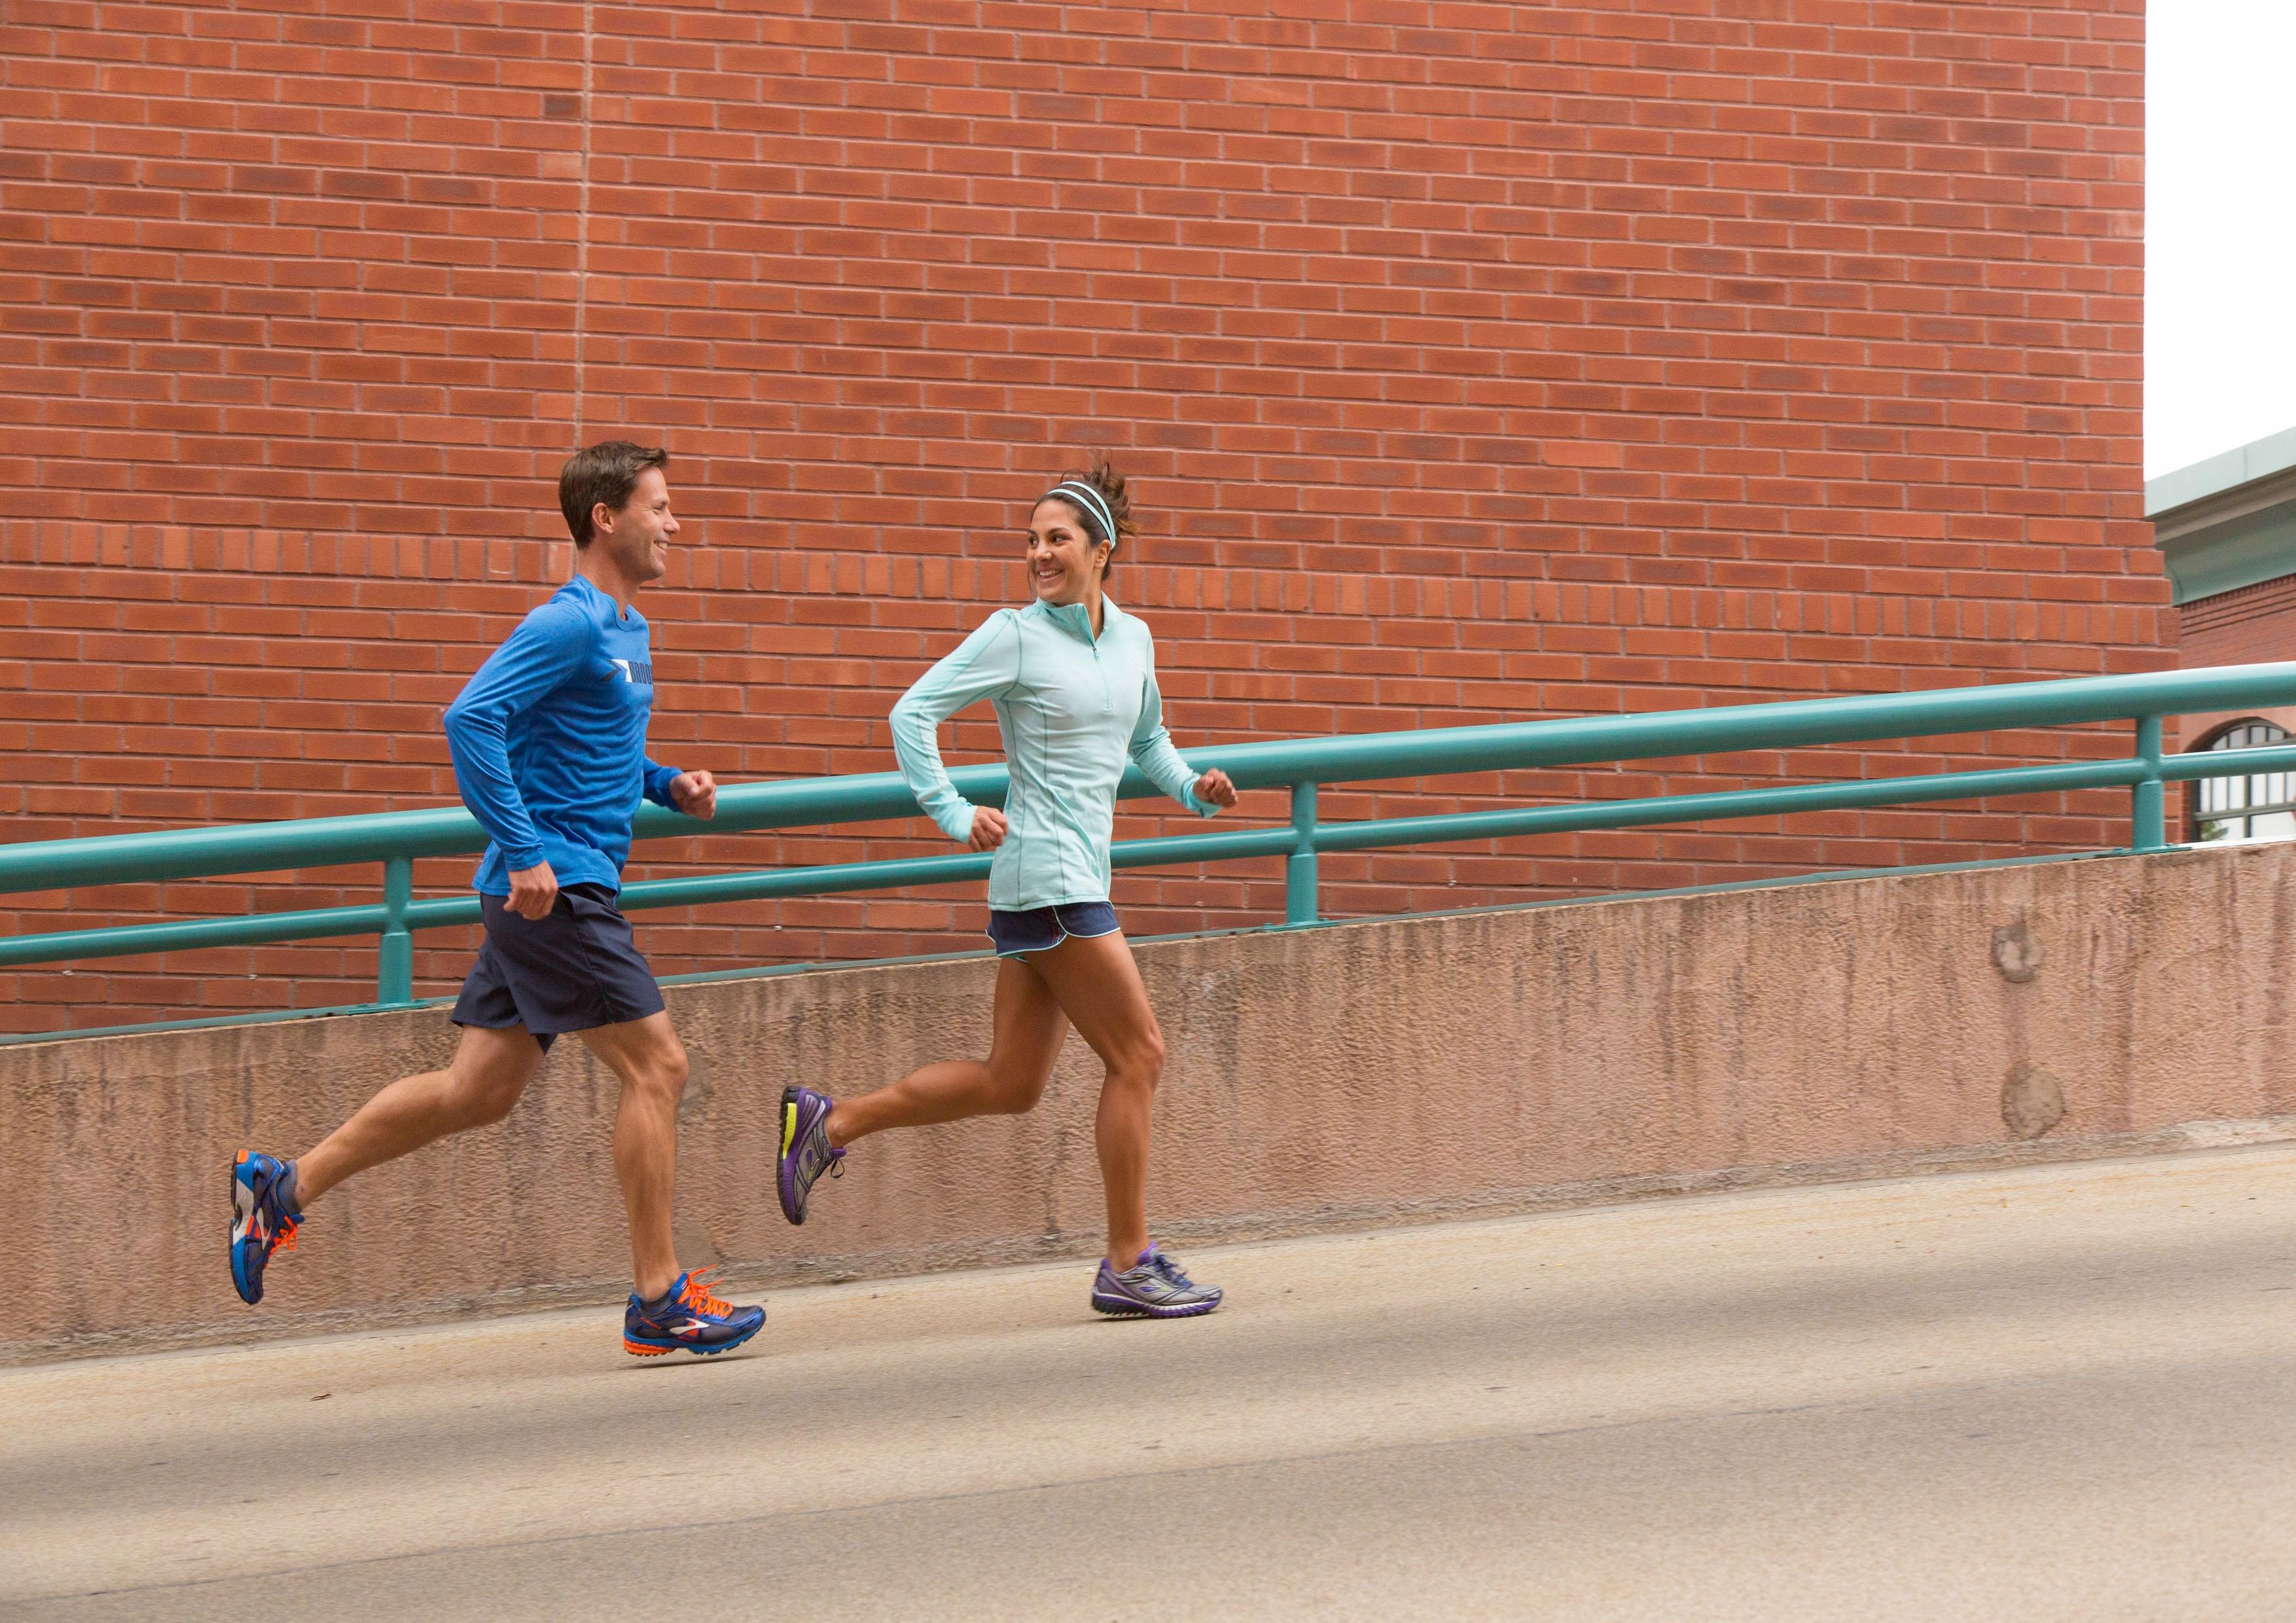 Marathontipps von Brooks: Rund um den Marathon-Tag – Packen, laufen, trinken inkl. Checkliste